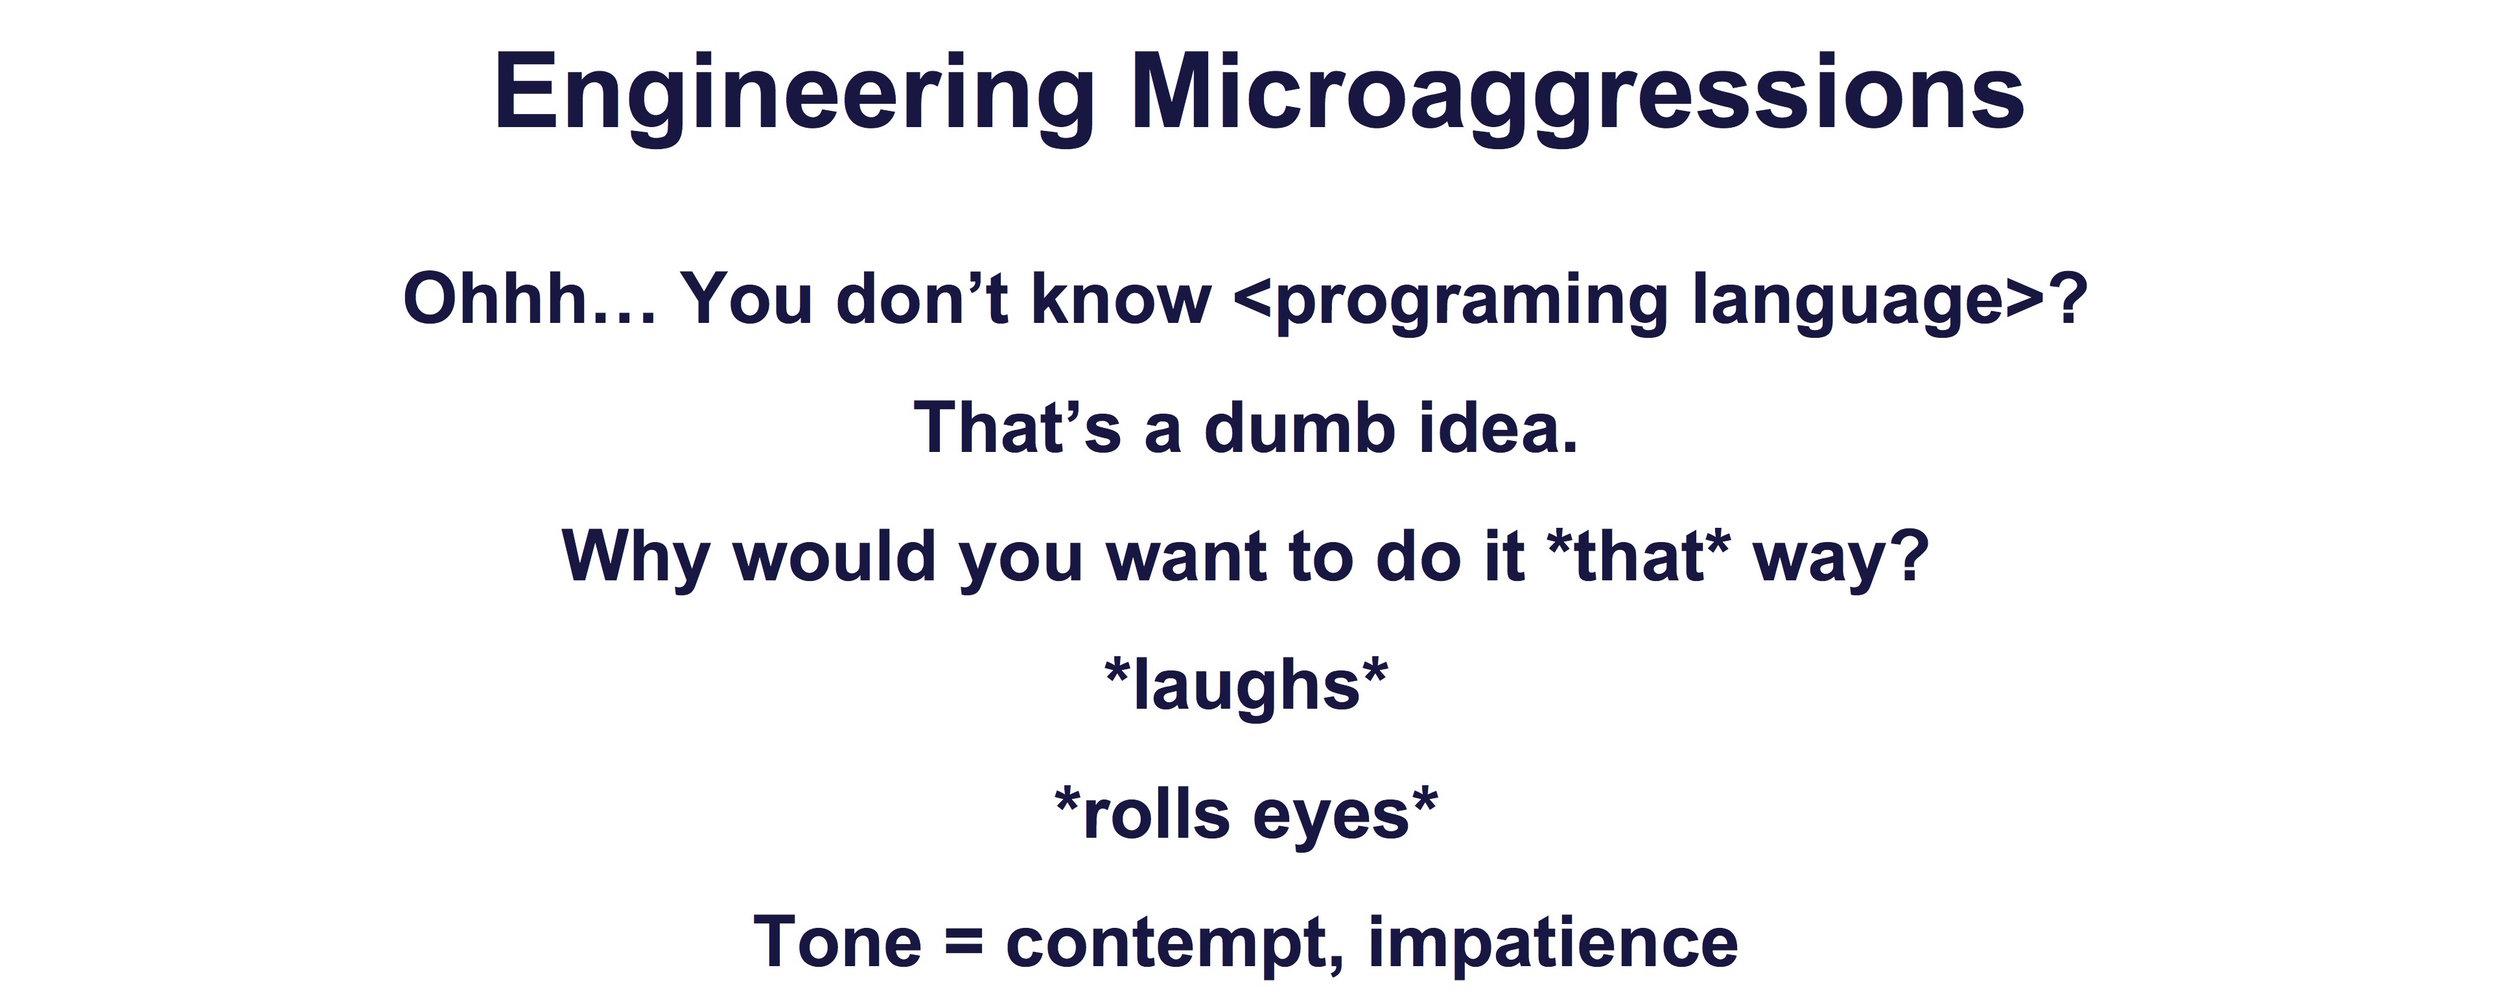 engineering-microagressions-slide.jpg